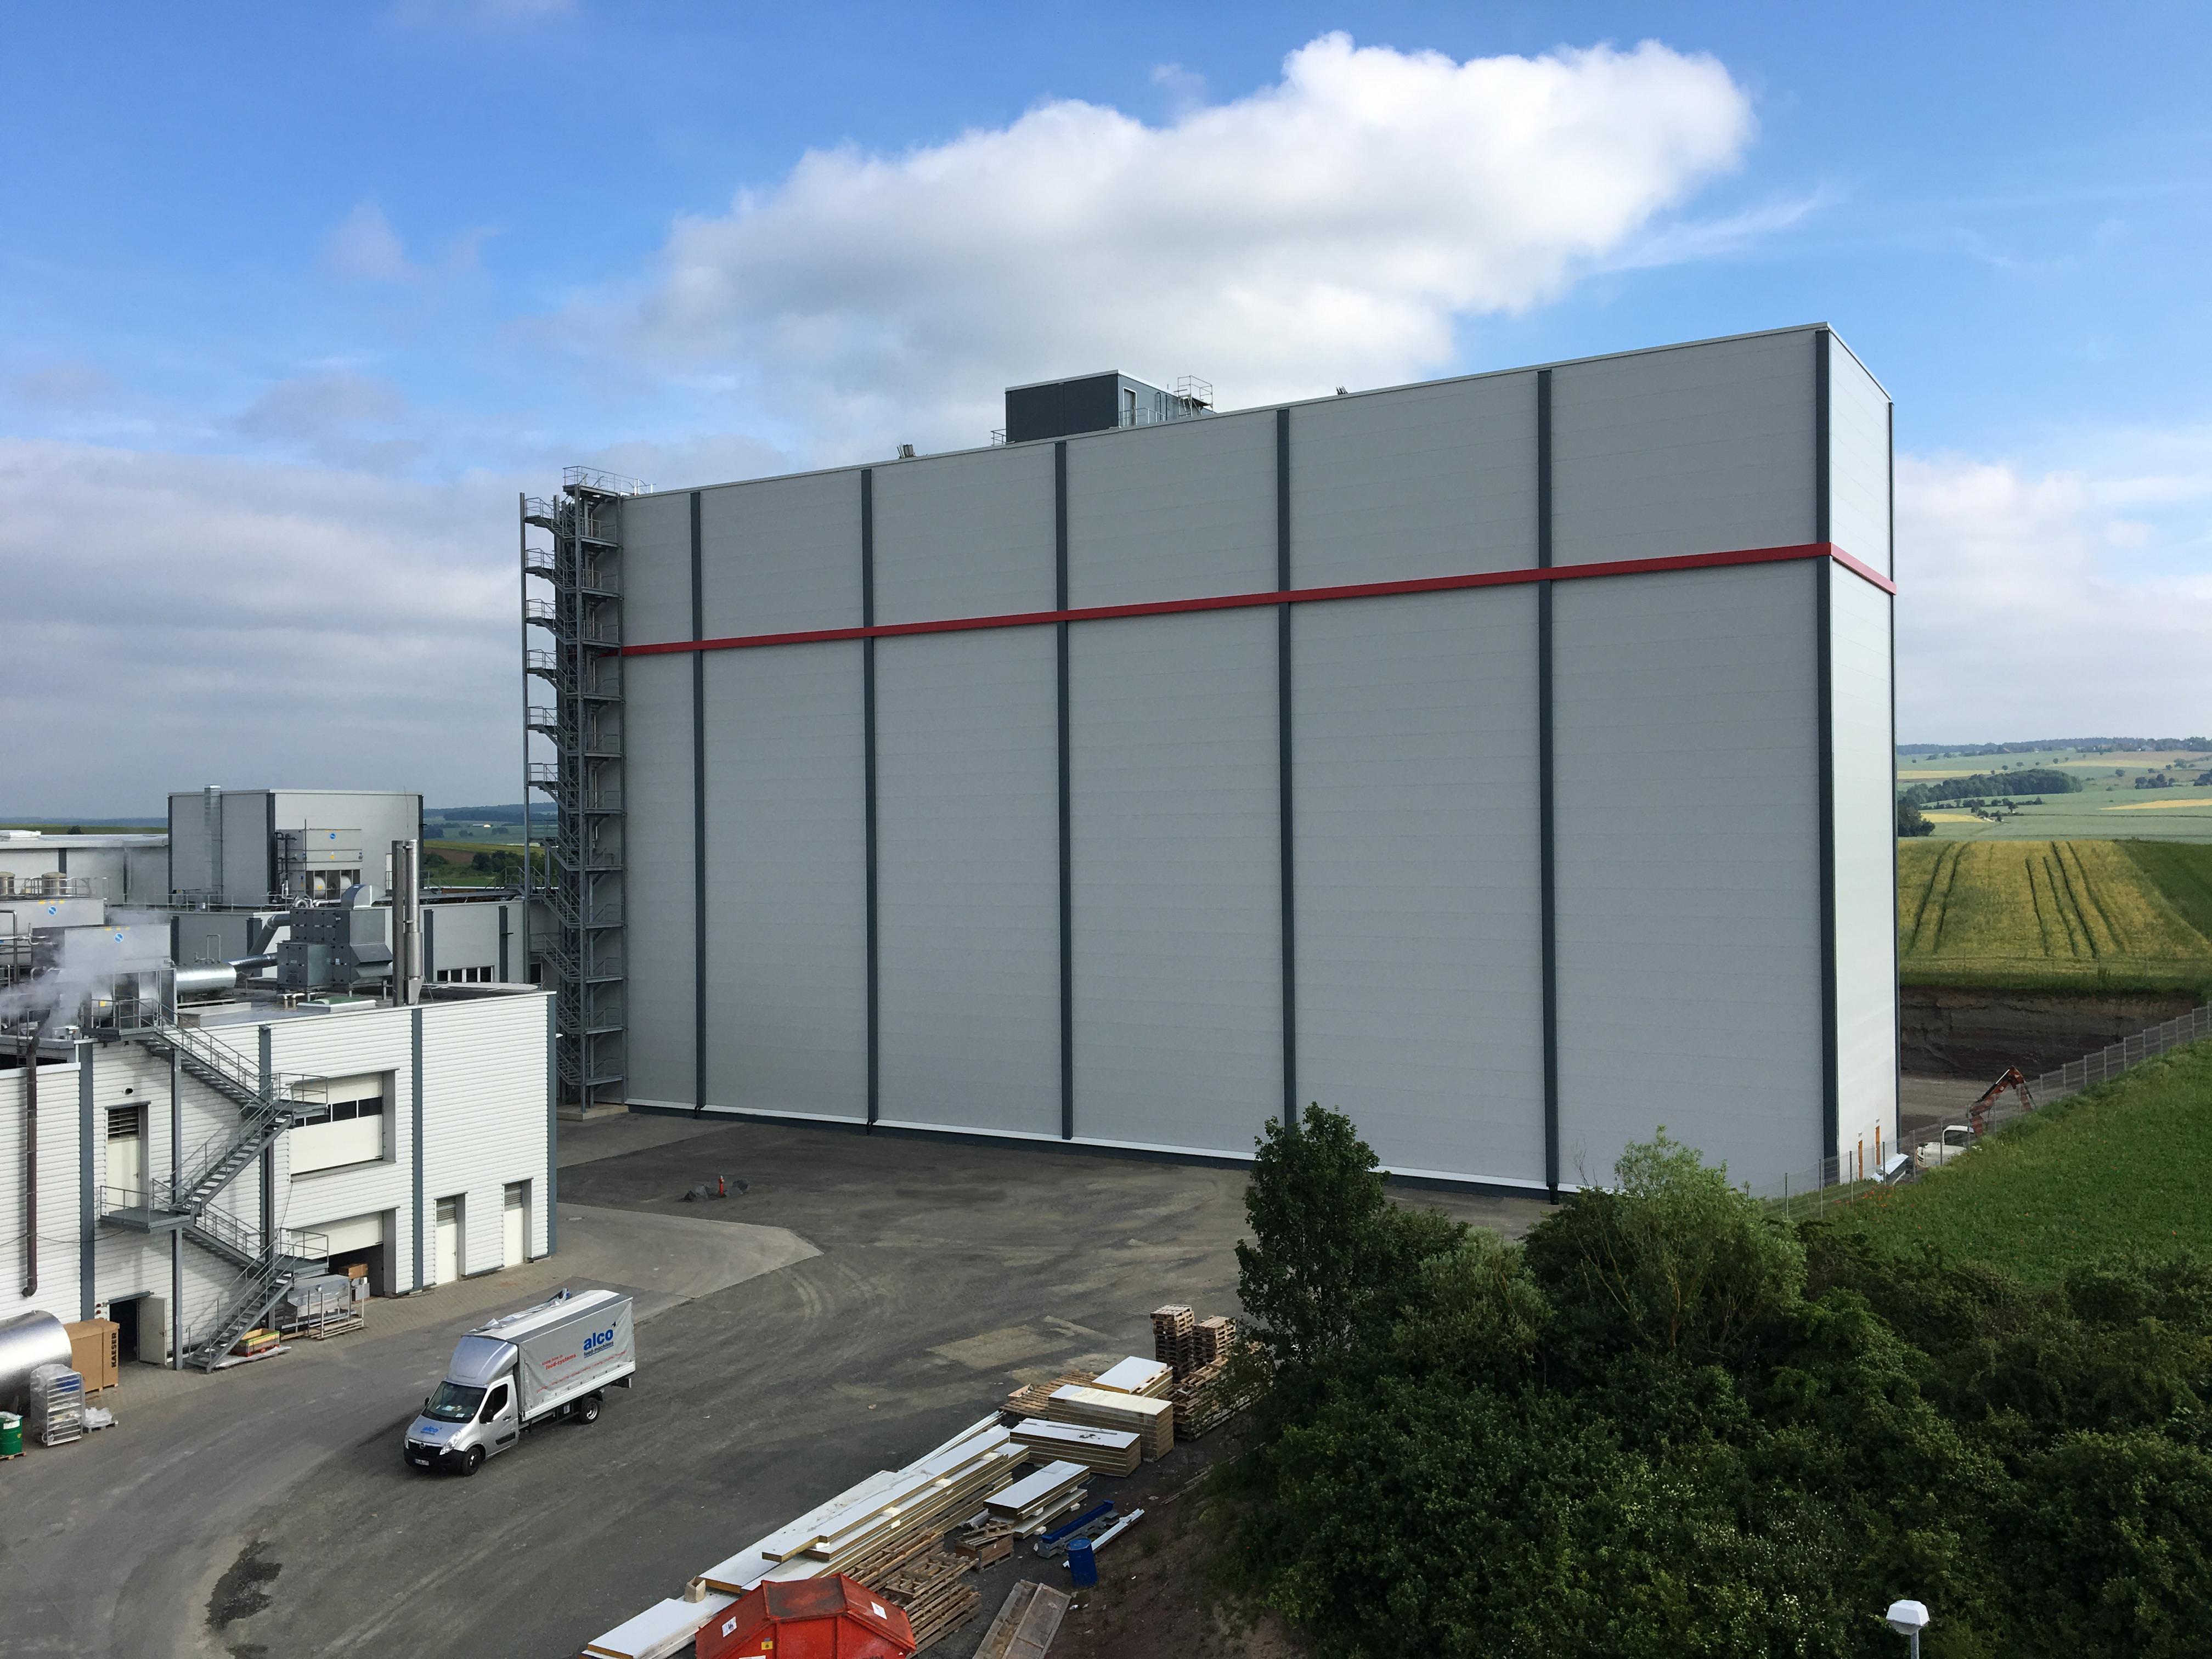 Das neu errichtete Hochregallager wird eingeweiht und bietet Platz für 8.100 Paletten